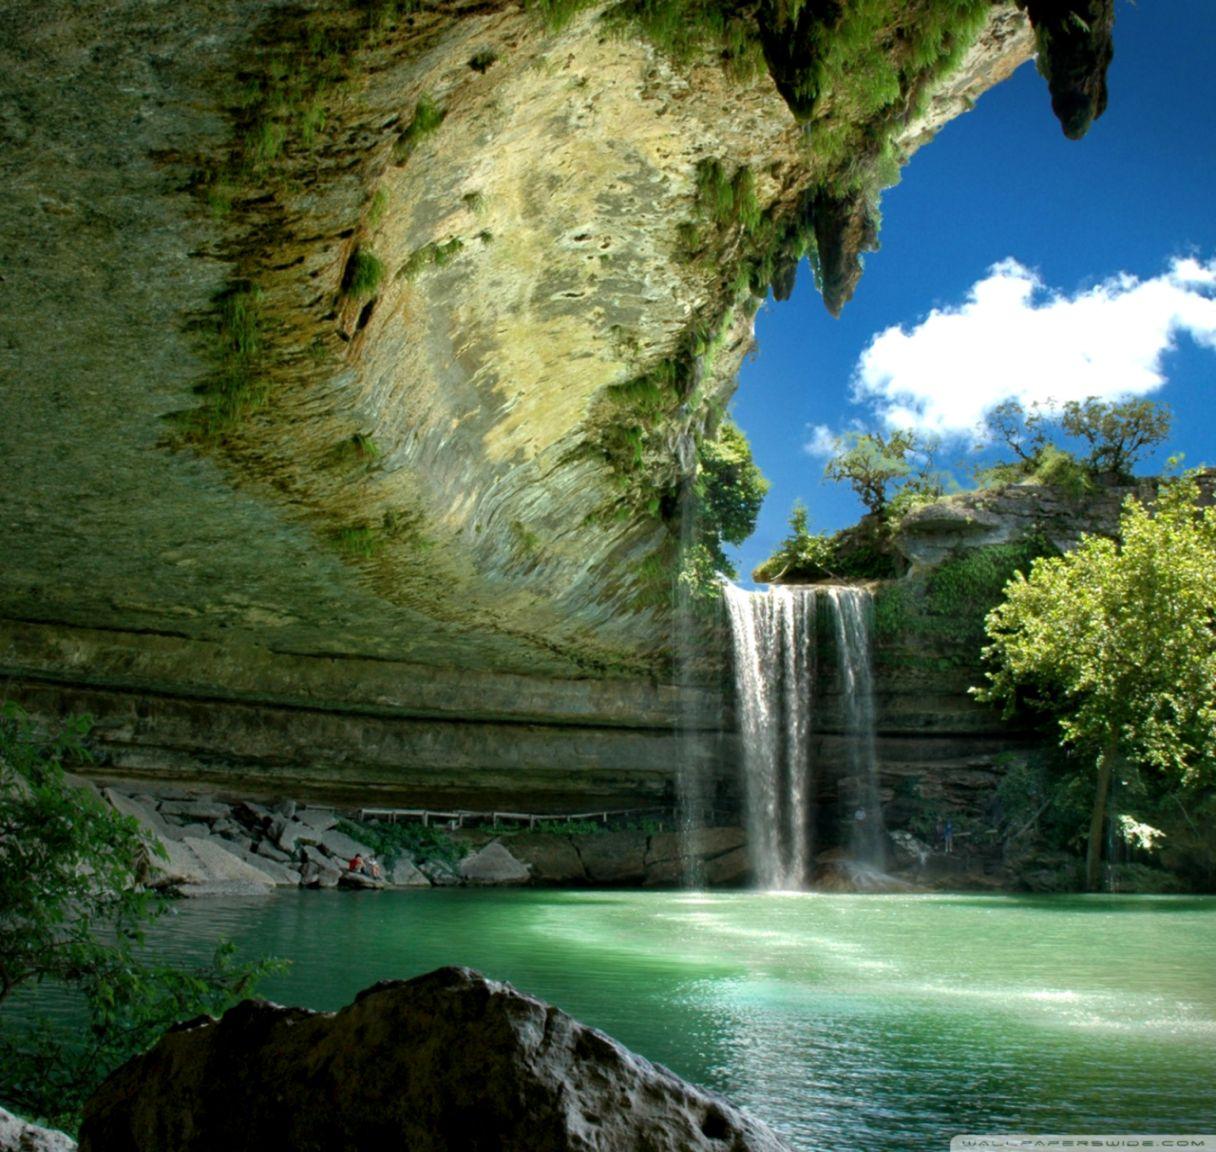 4k wallpaper - Waterfall Wallpaper 4k Hd